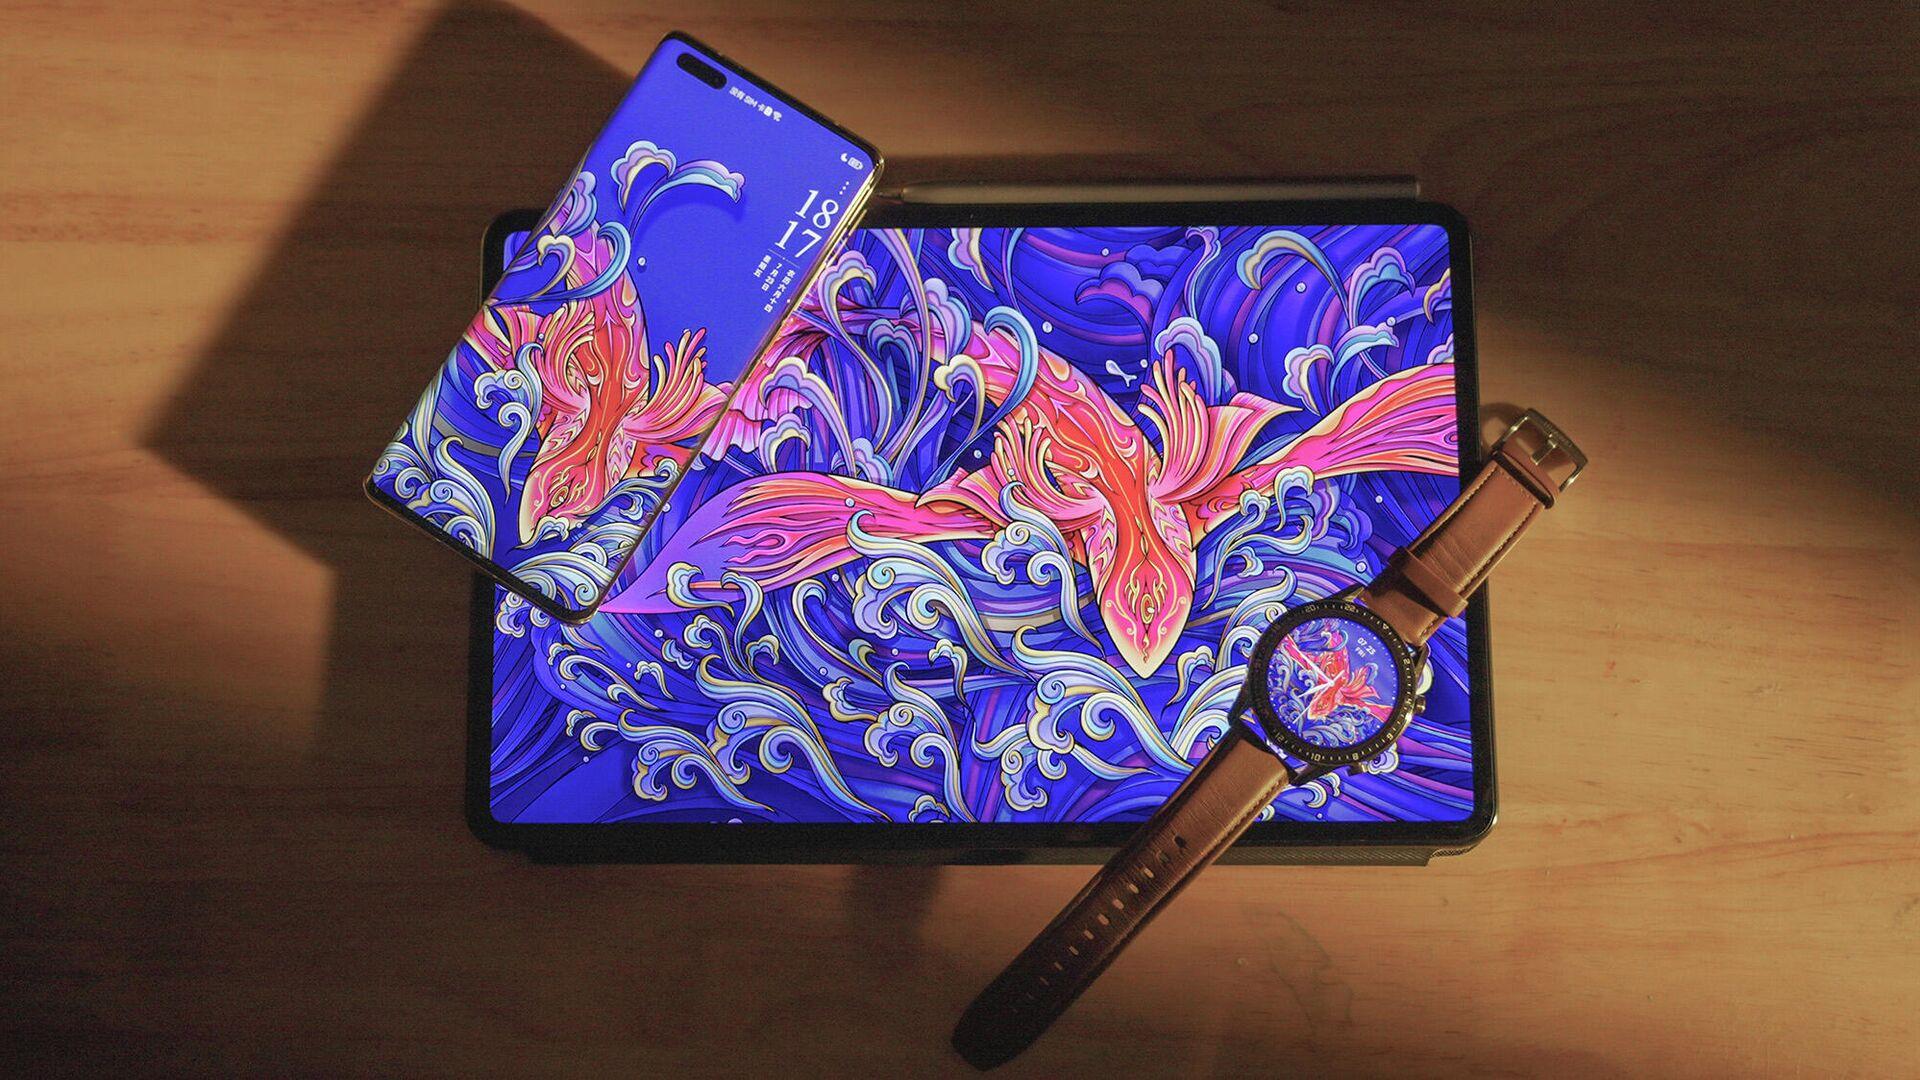 Обои для фирменных устройств Huawei, созданные по мотивам древнекитайской мифологии - РИА Новости, 1920, 10.09.2021